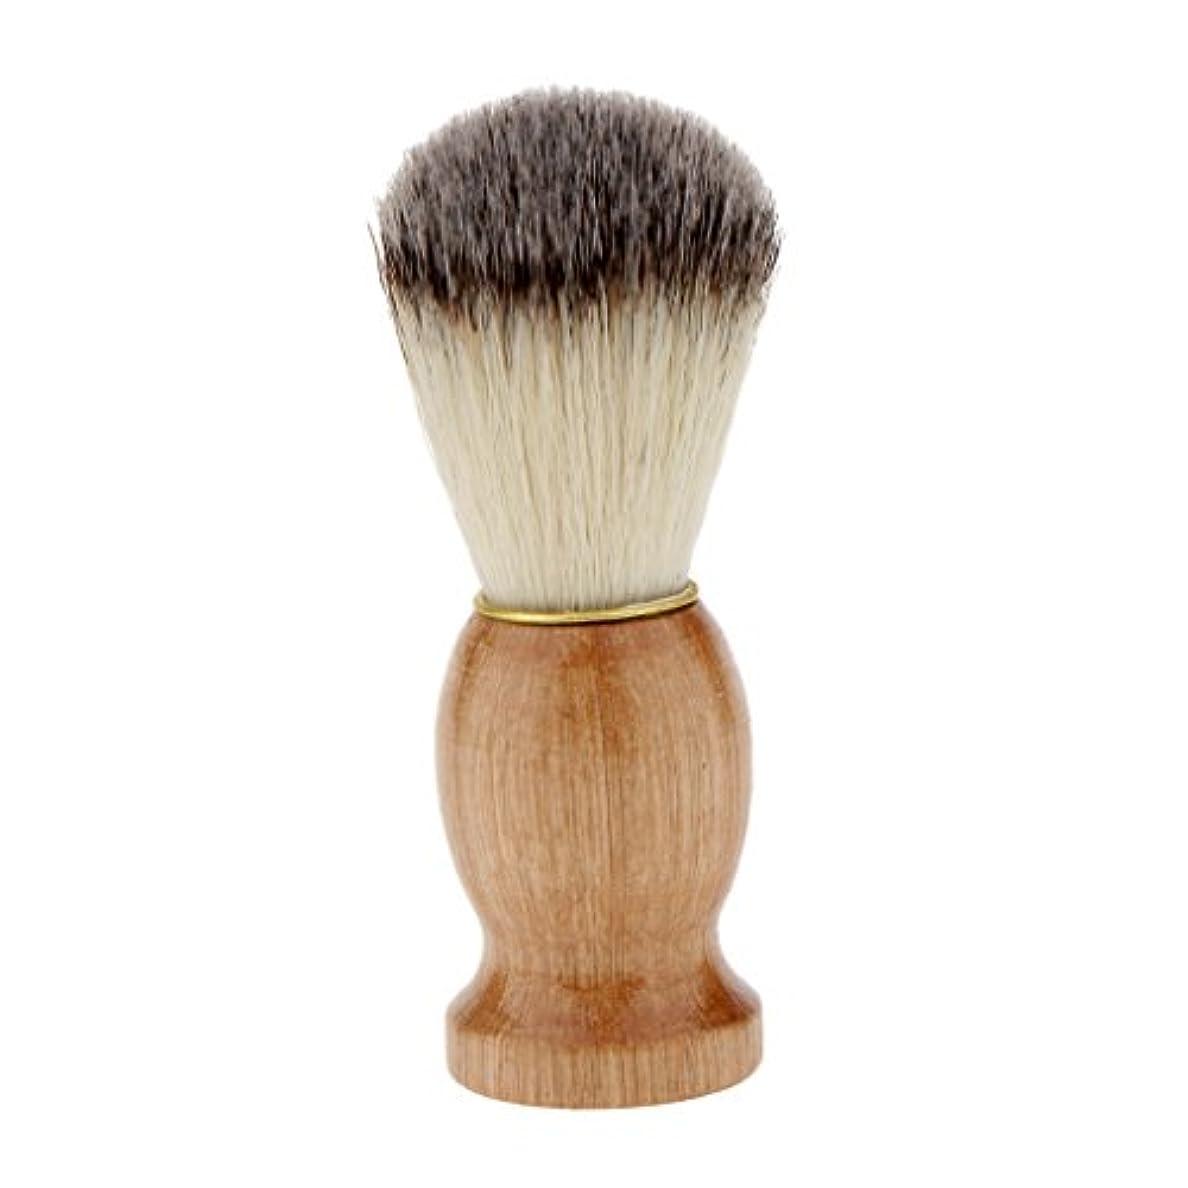 リース億プレゼンター男性ギフト剃毛シェービングブラシプロ理髪店サロン剛毛ブラシウッドハンドルダストクリーニングツール